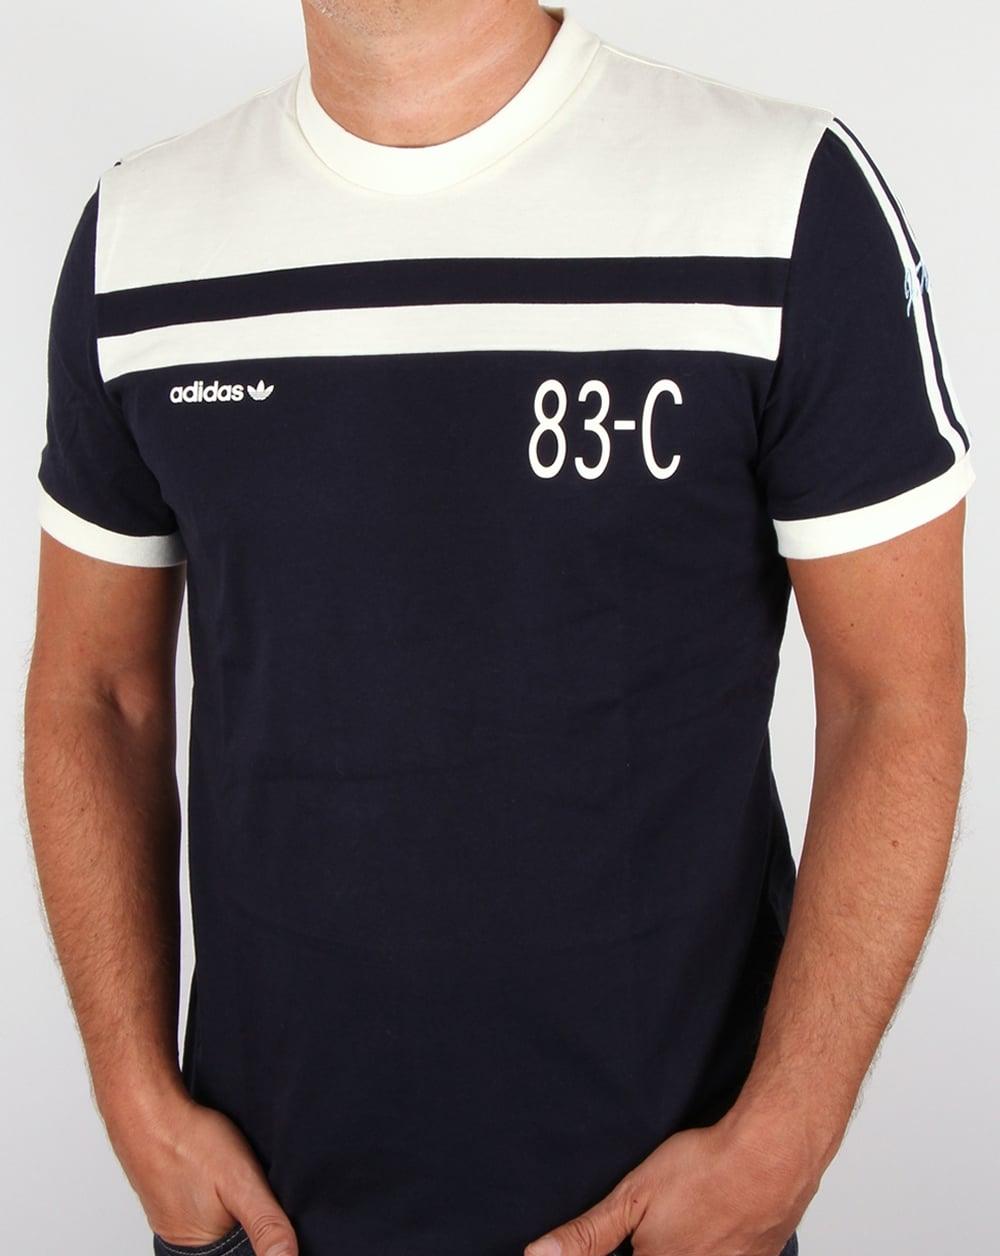 White 83 Adidas T C Navyoff Shirt Originals kuiXZP